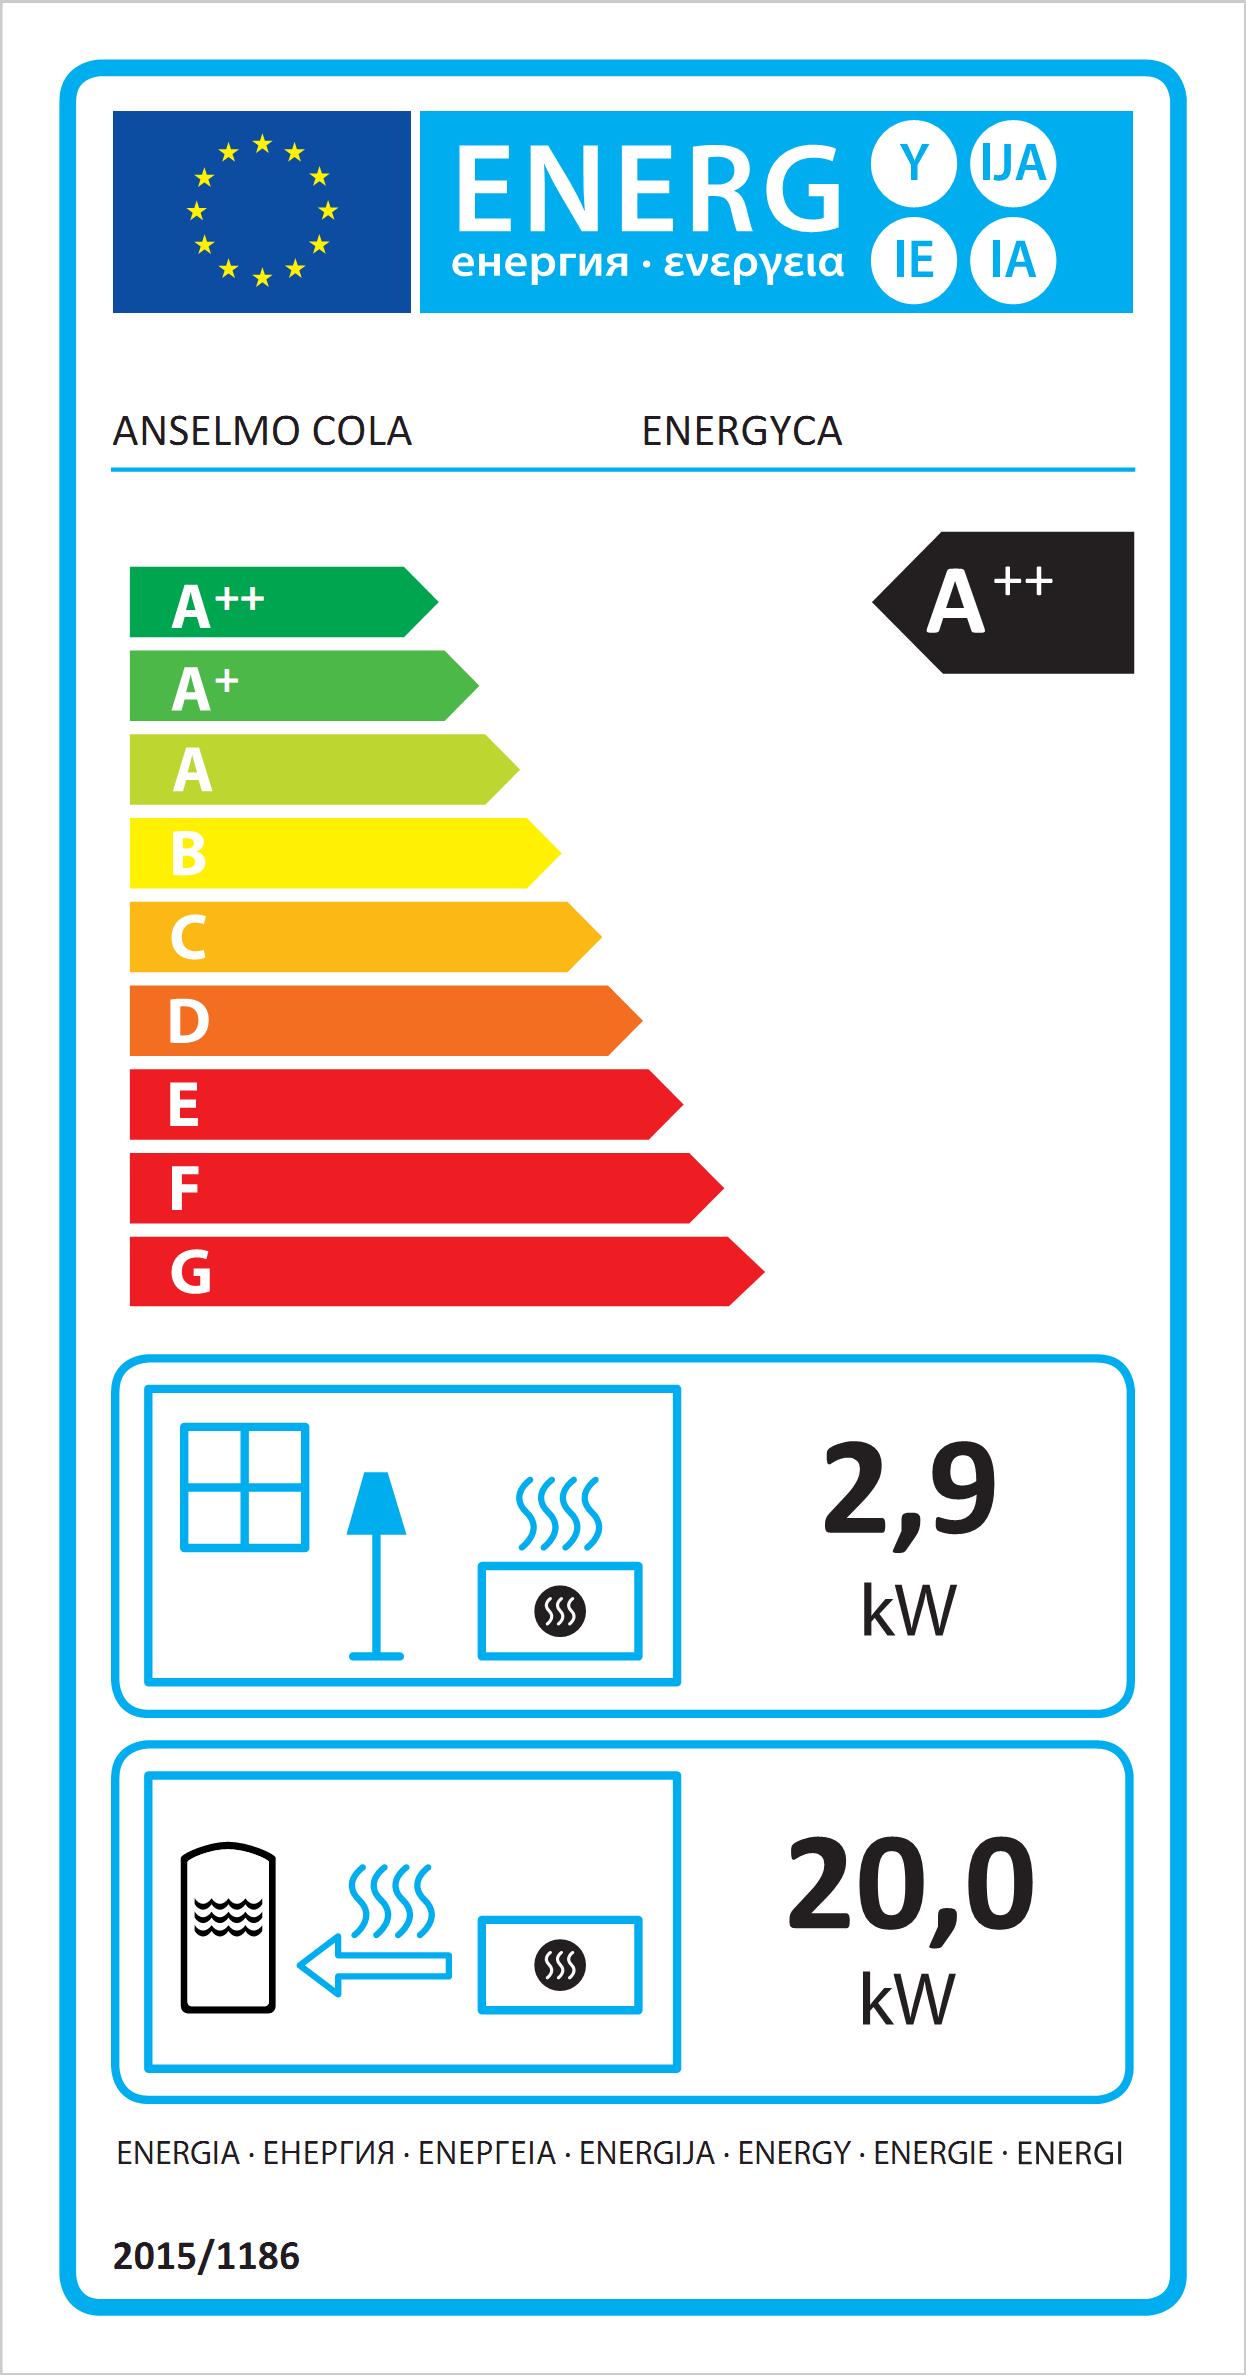 Termo Poele Energyca Eco Label